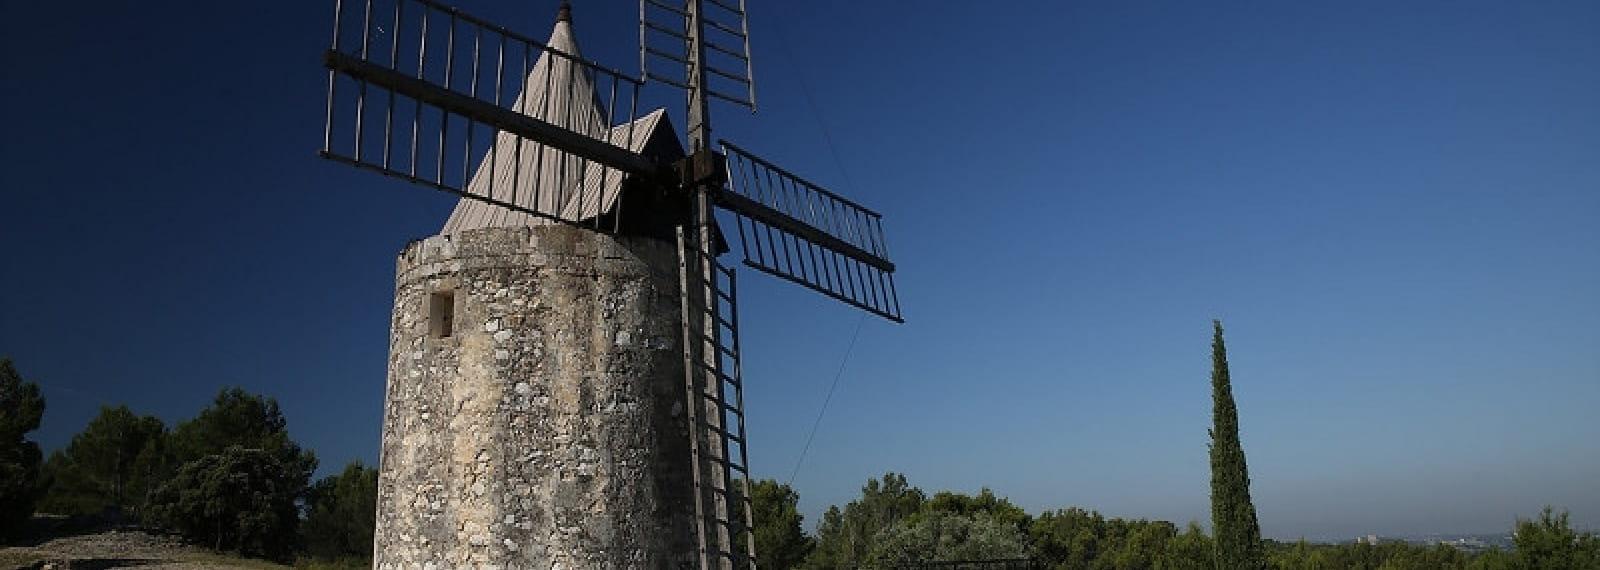 Le Sentier des Moulins d' Alphonse Daudet